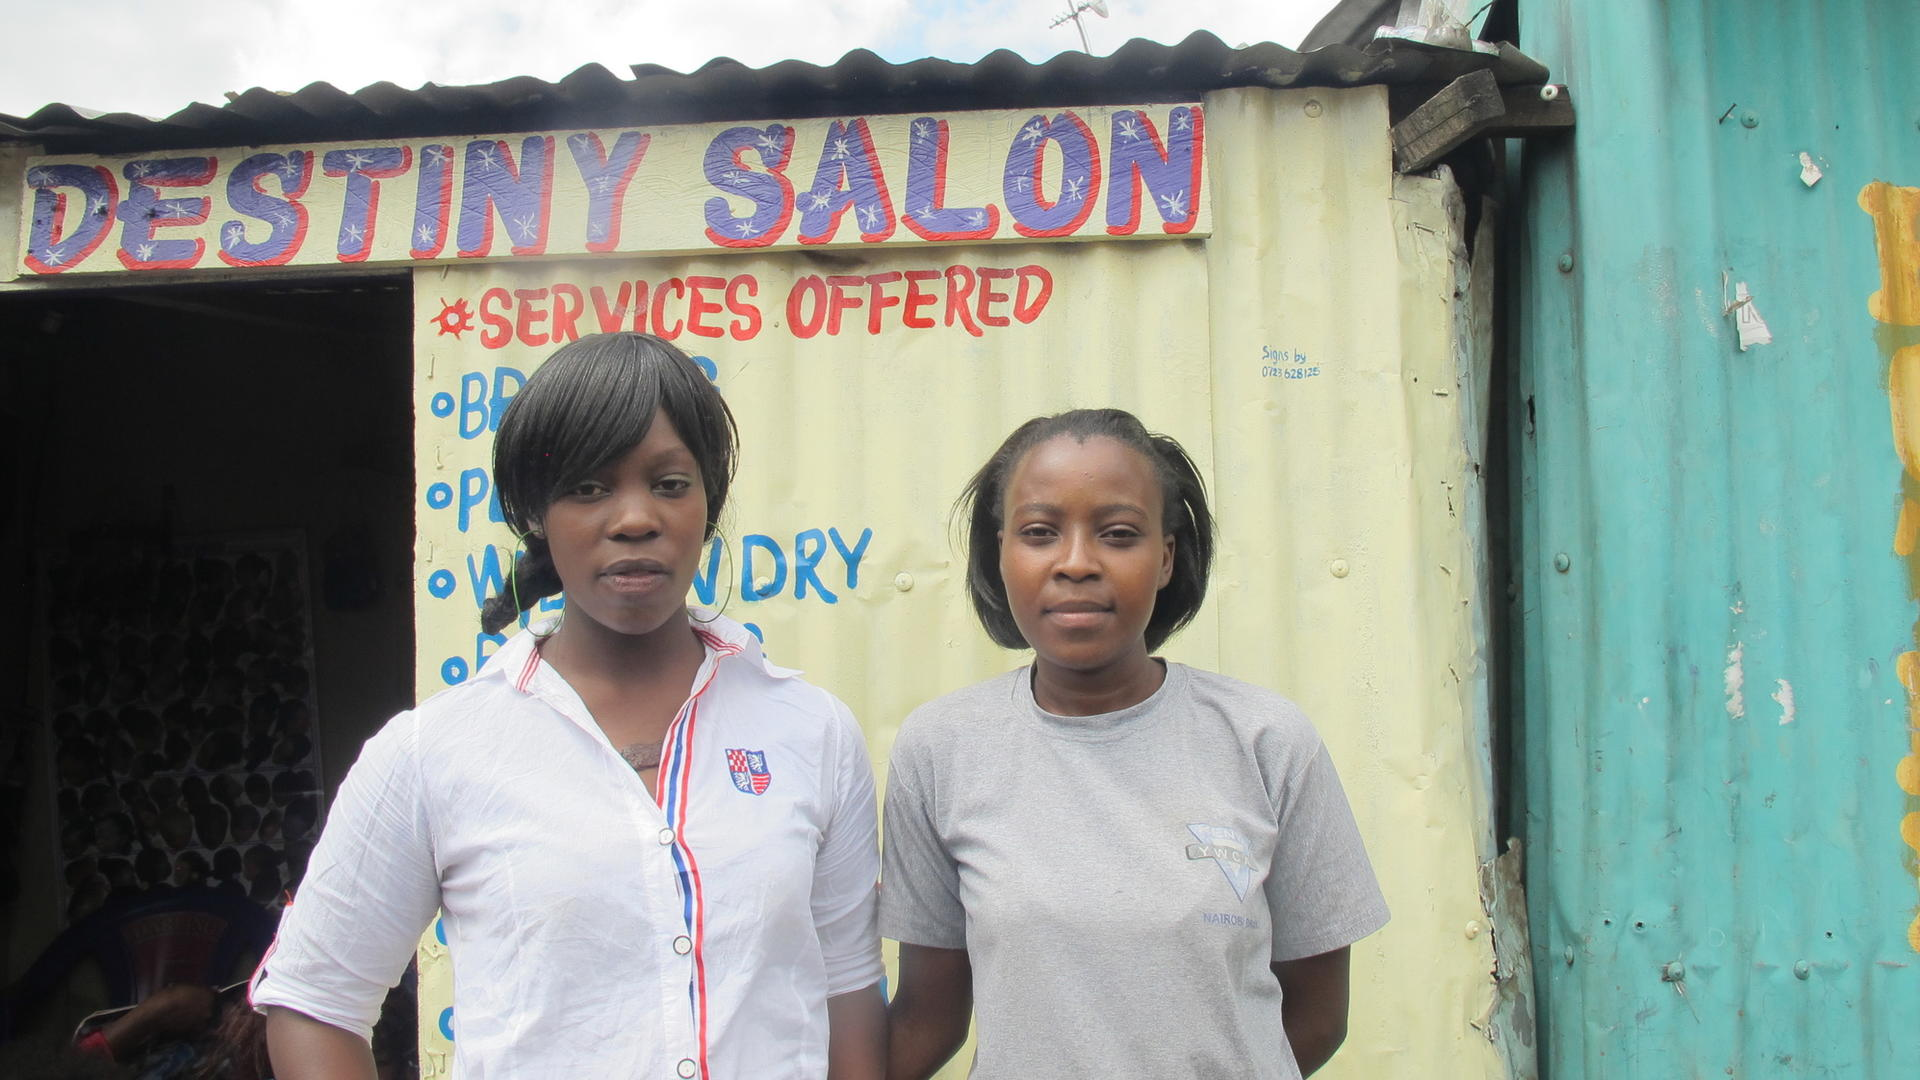 Susan and partner Mariam outside Nairobi salon